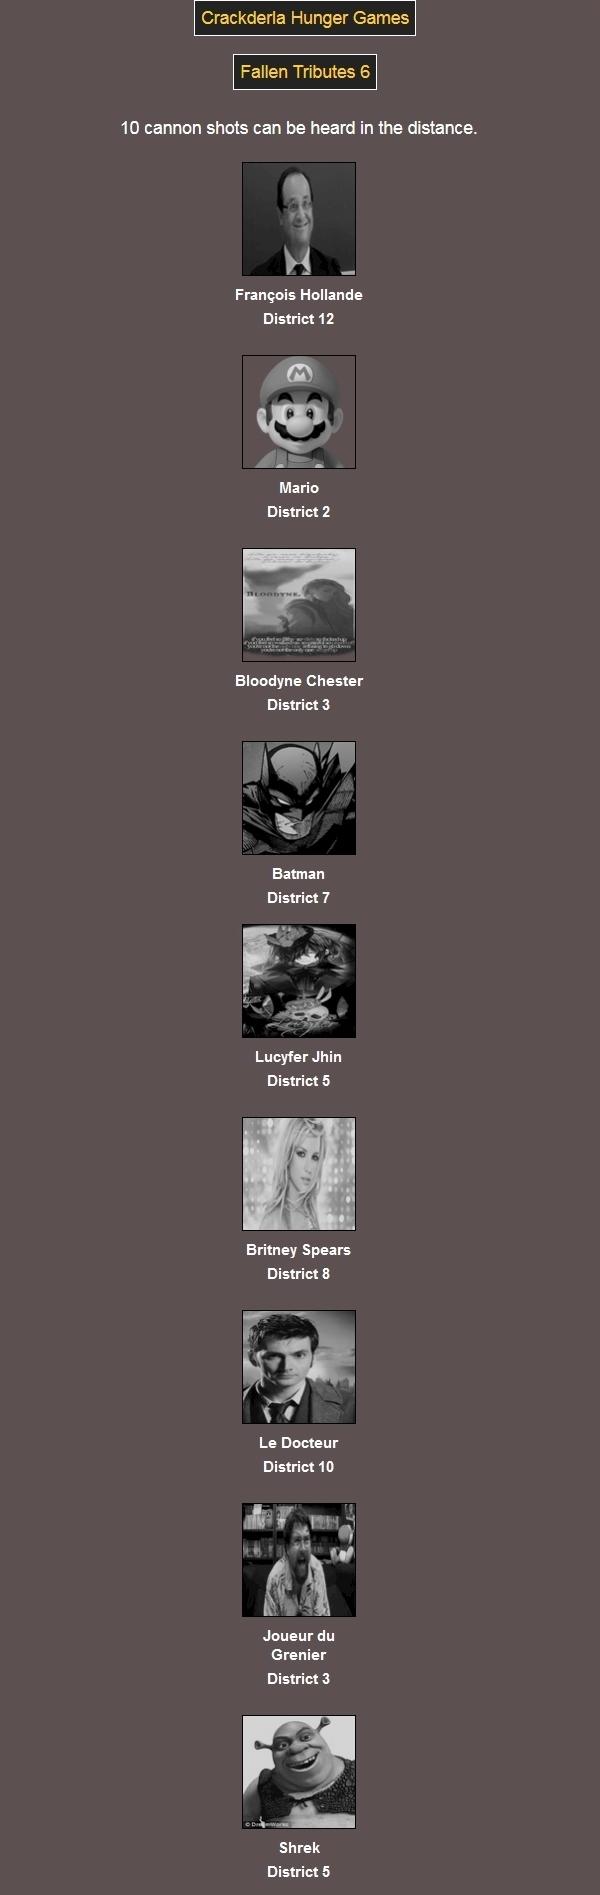 [Crackderla N°1] Hunger Games - Page 7 9495279FallenTributes2